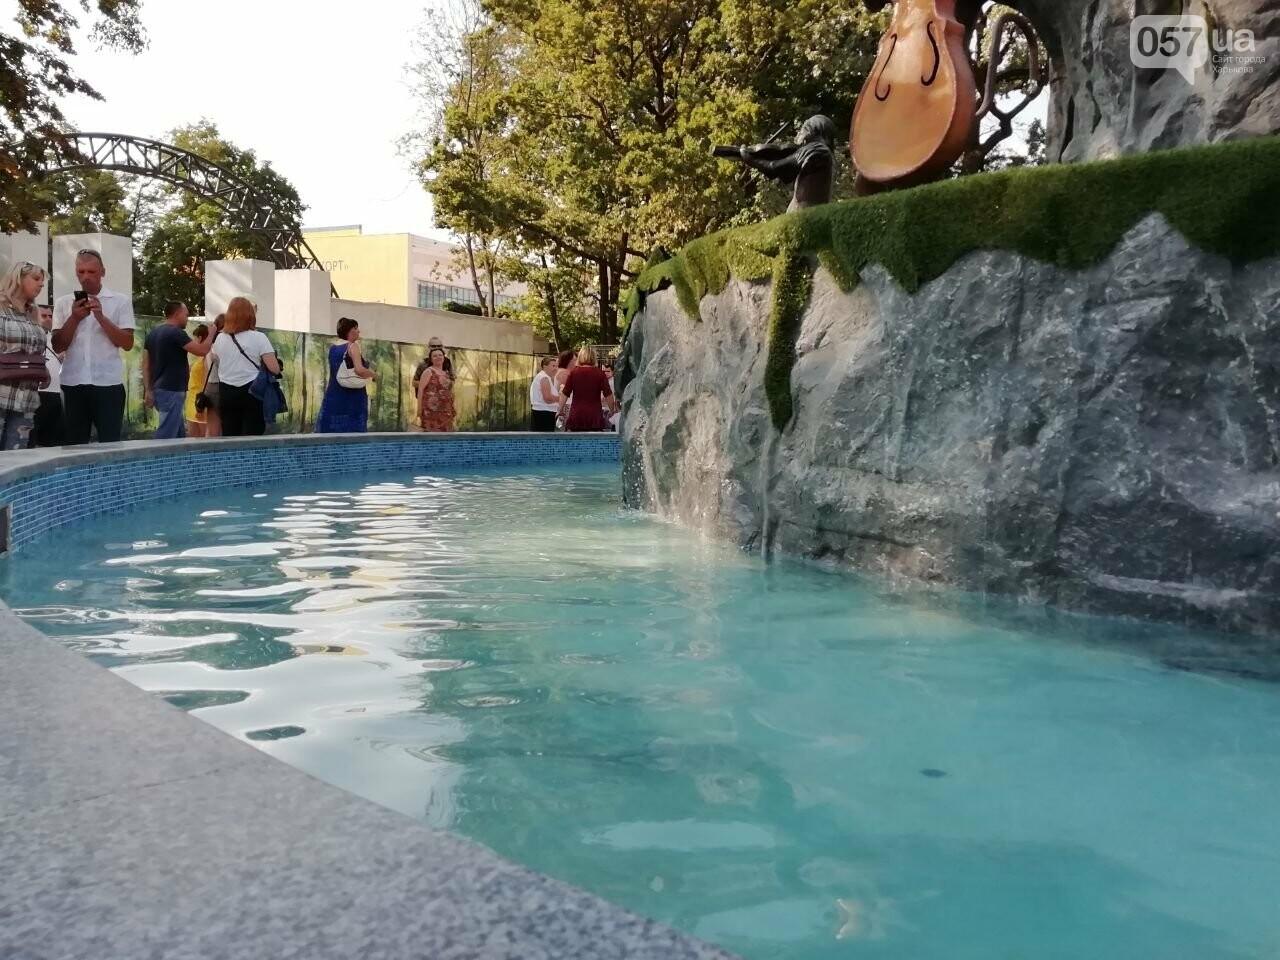 В центре Харькова появился новый фонтан и «Каскад» после реконструкции, - ФОТО, фото-7